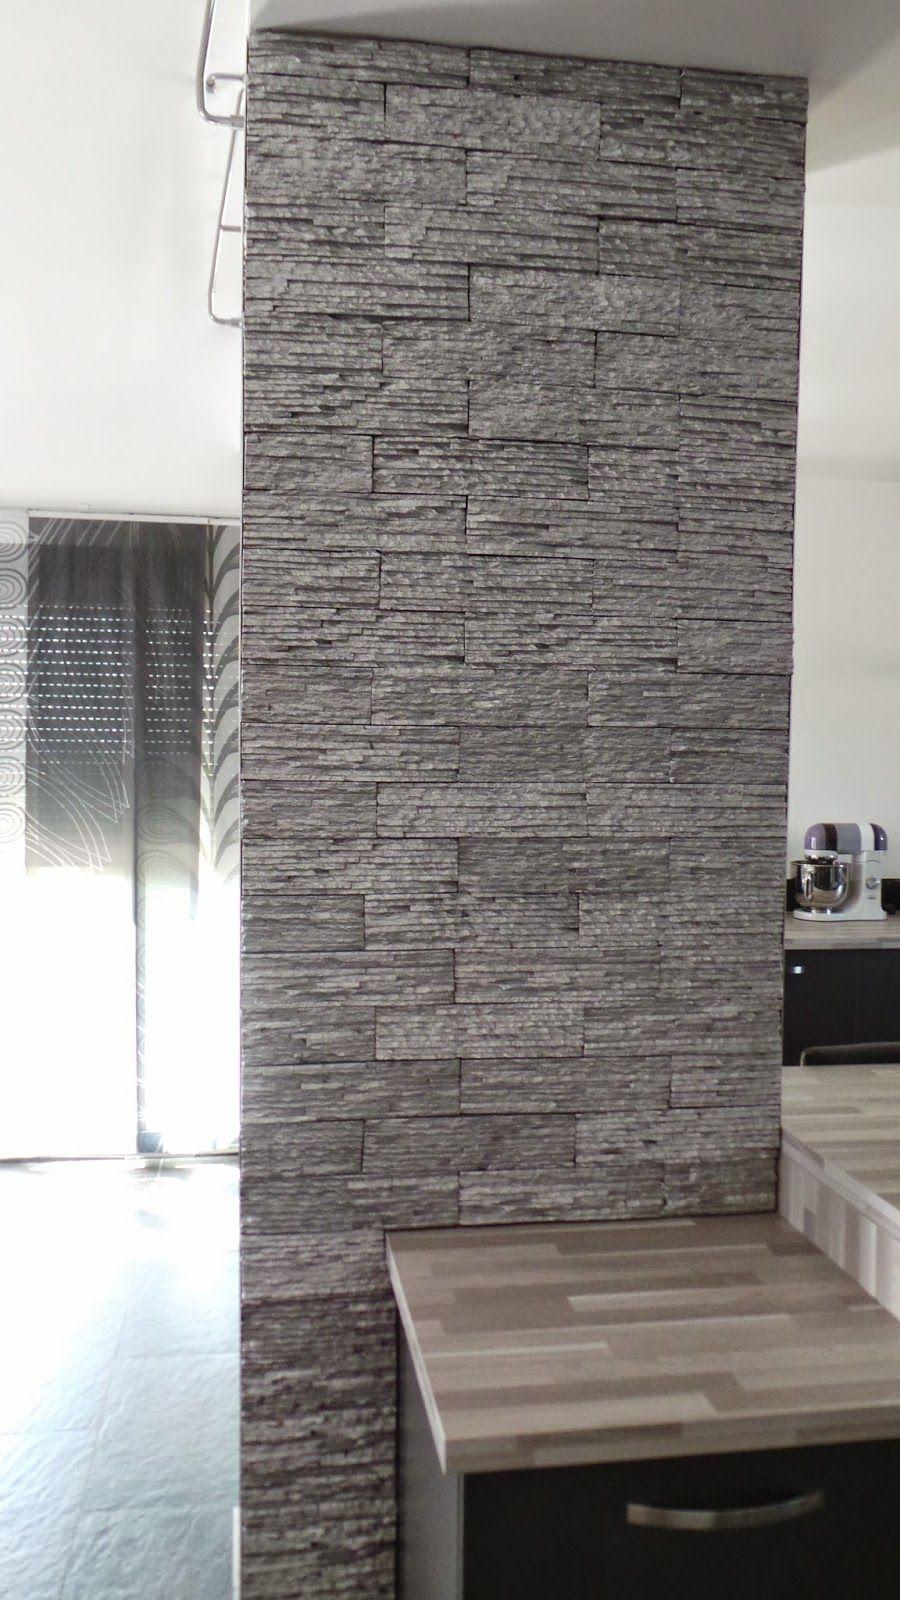 relooker un pilier un mur pinterest pilier plaquette de parement et parement. Black Bedroom Furniture Sets. Home Design Ideas